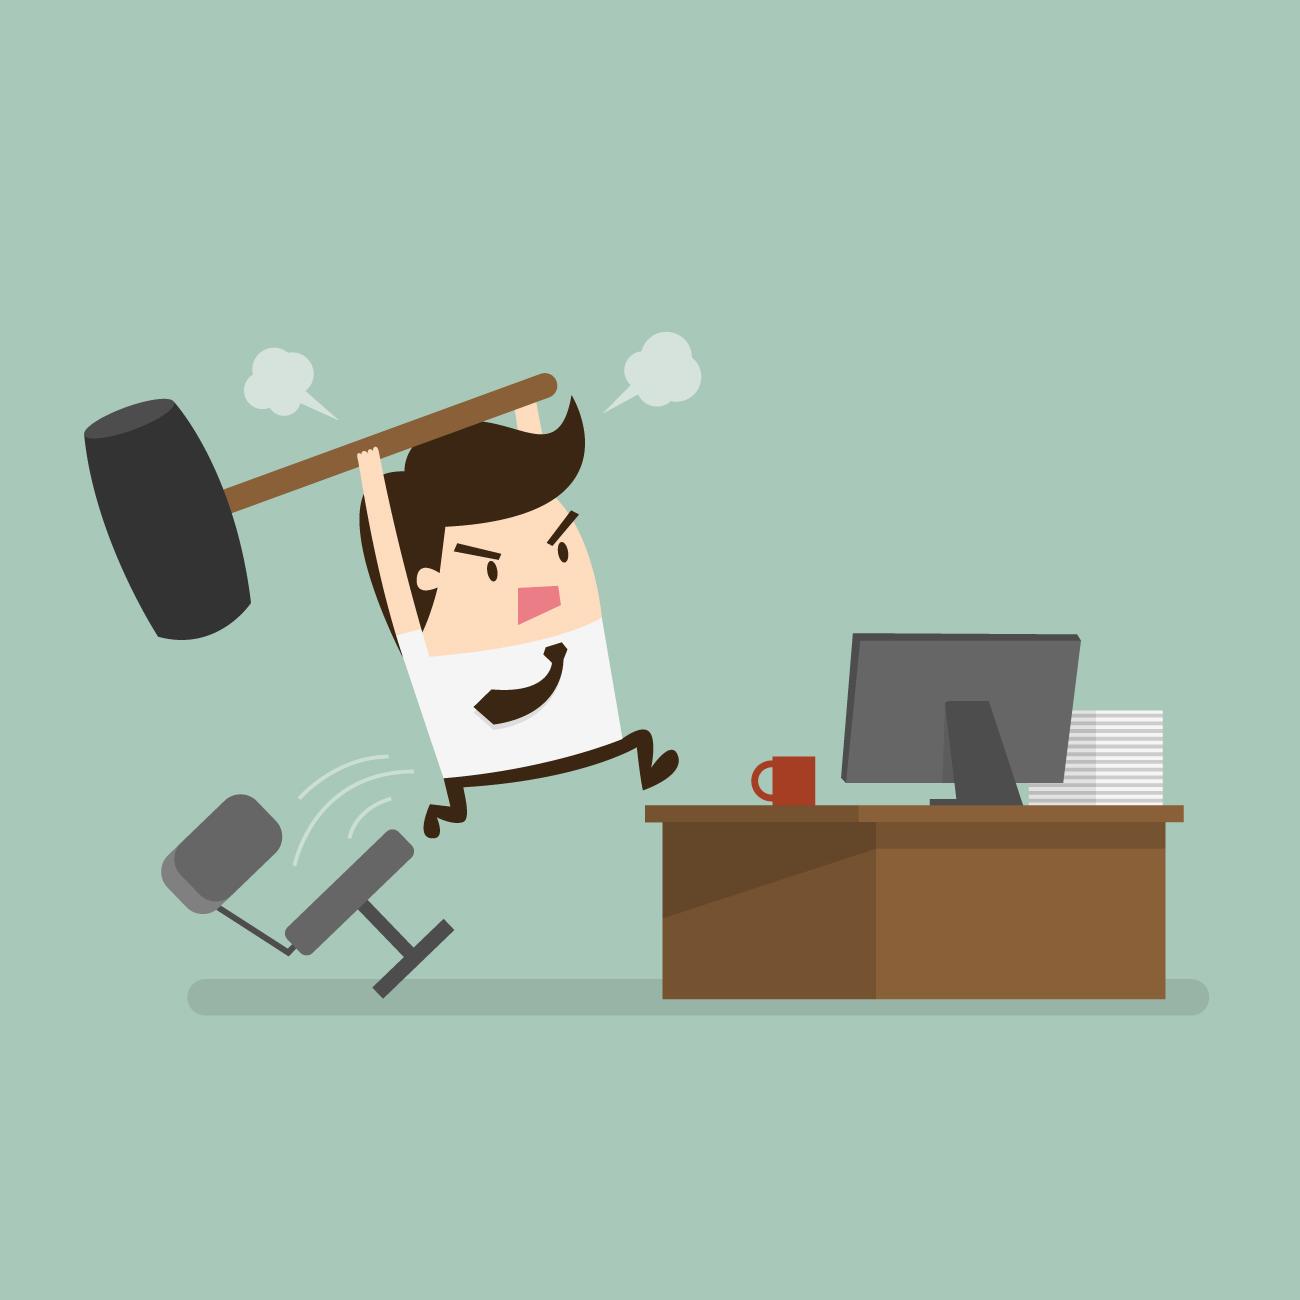 سنگینی فایل و کندی کار هنگام طراحی اتود